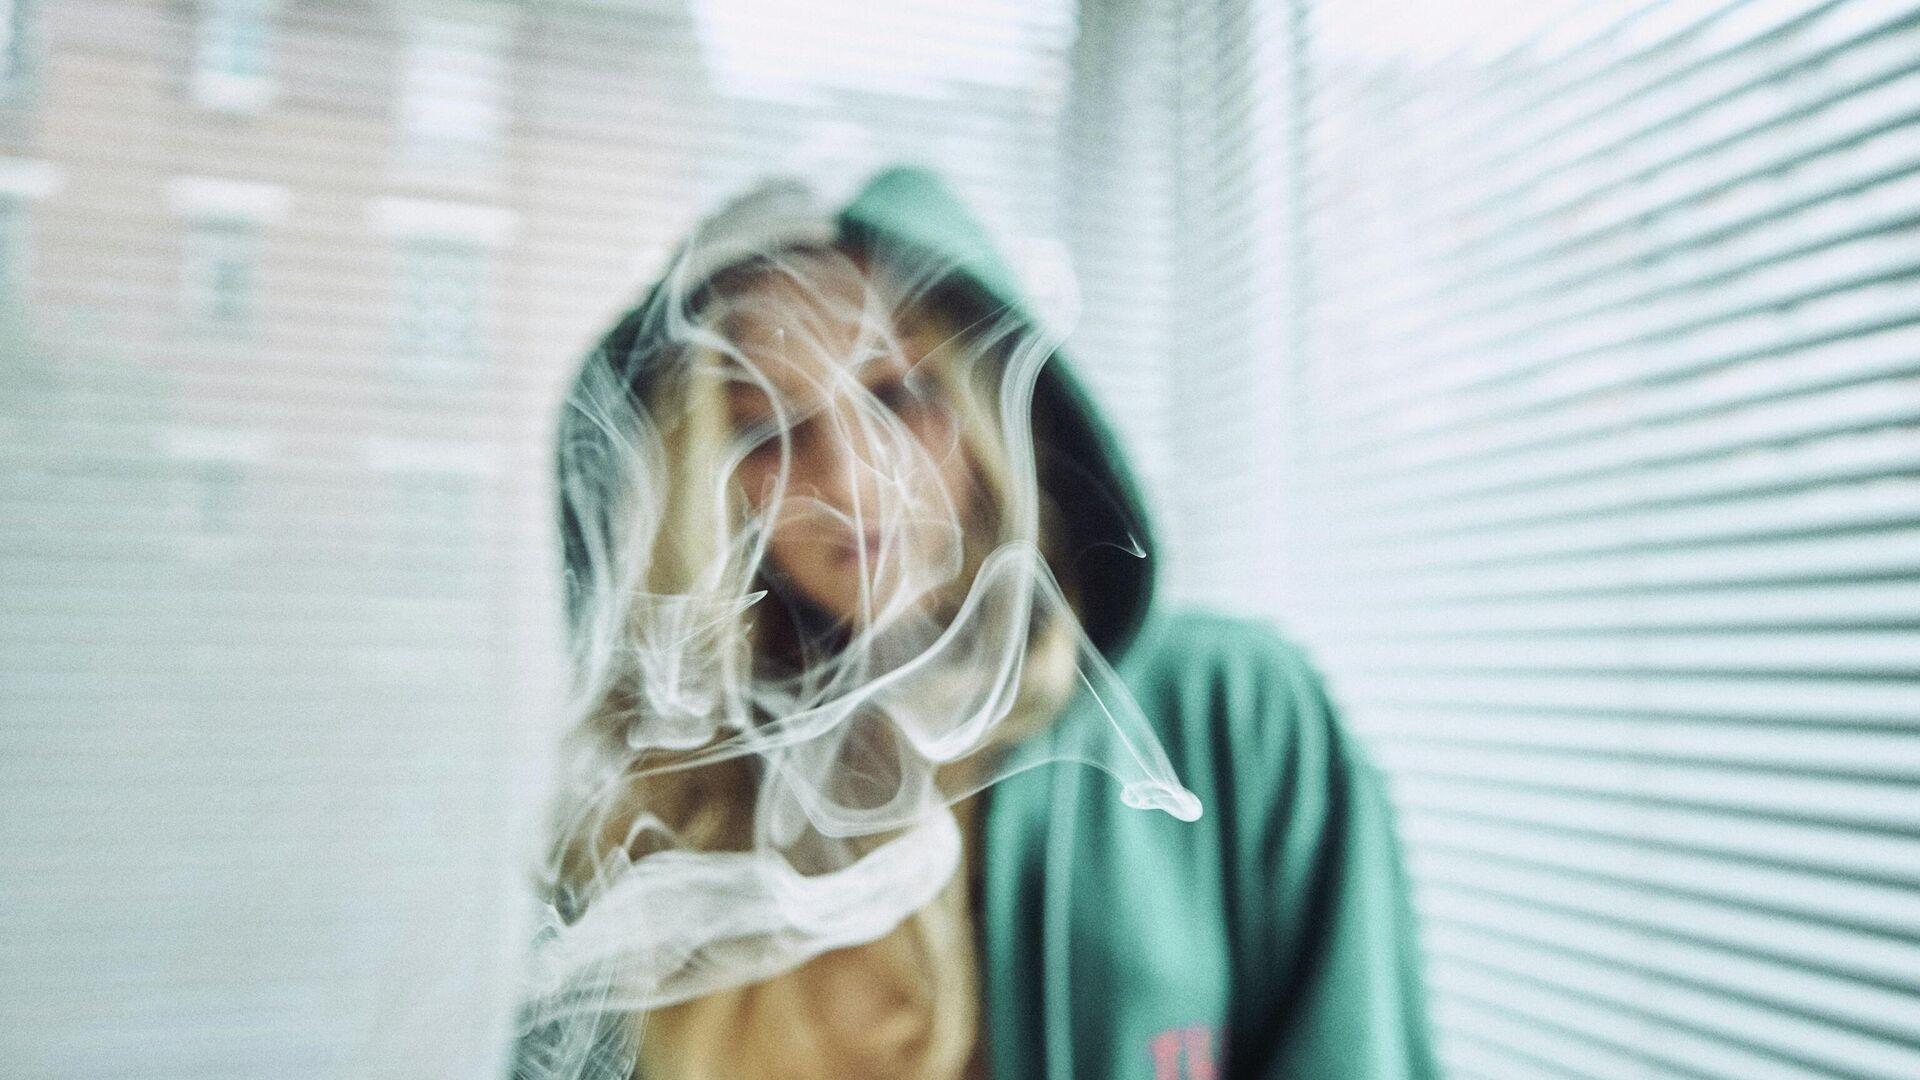 Una mujer entre el humo de un cigarro - Sputnik Mundo, 1920, 22.09.2021